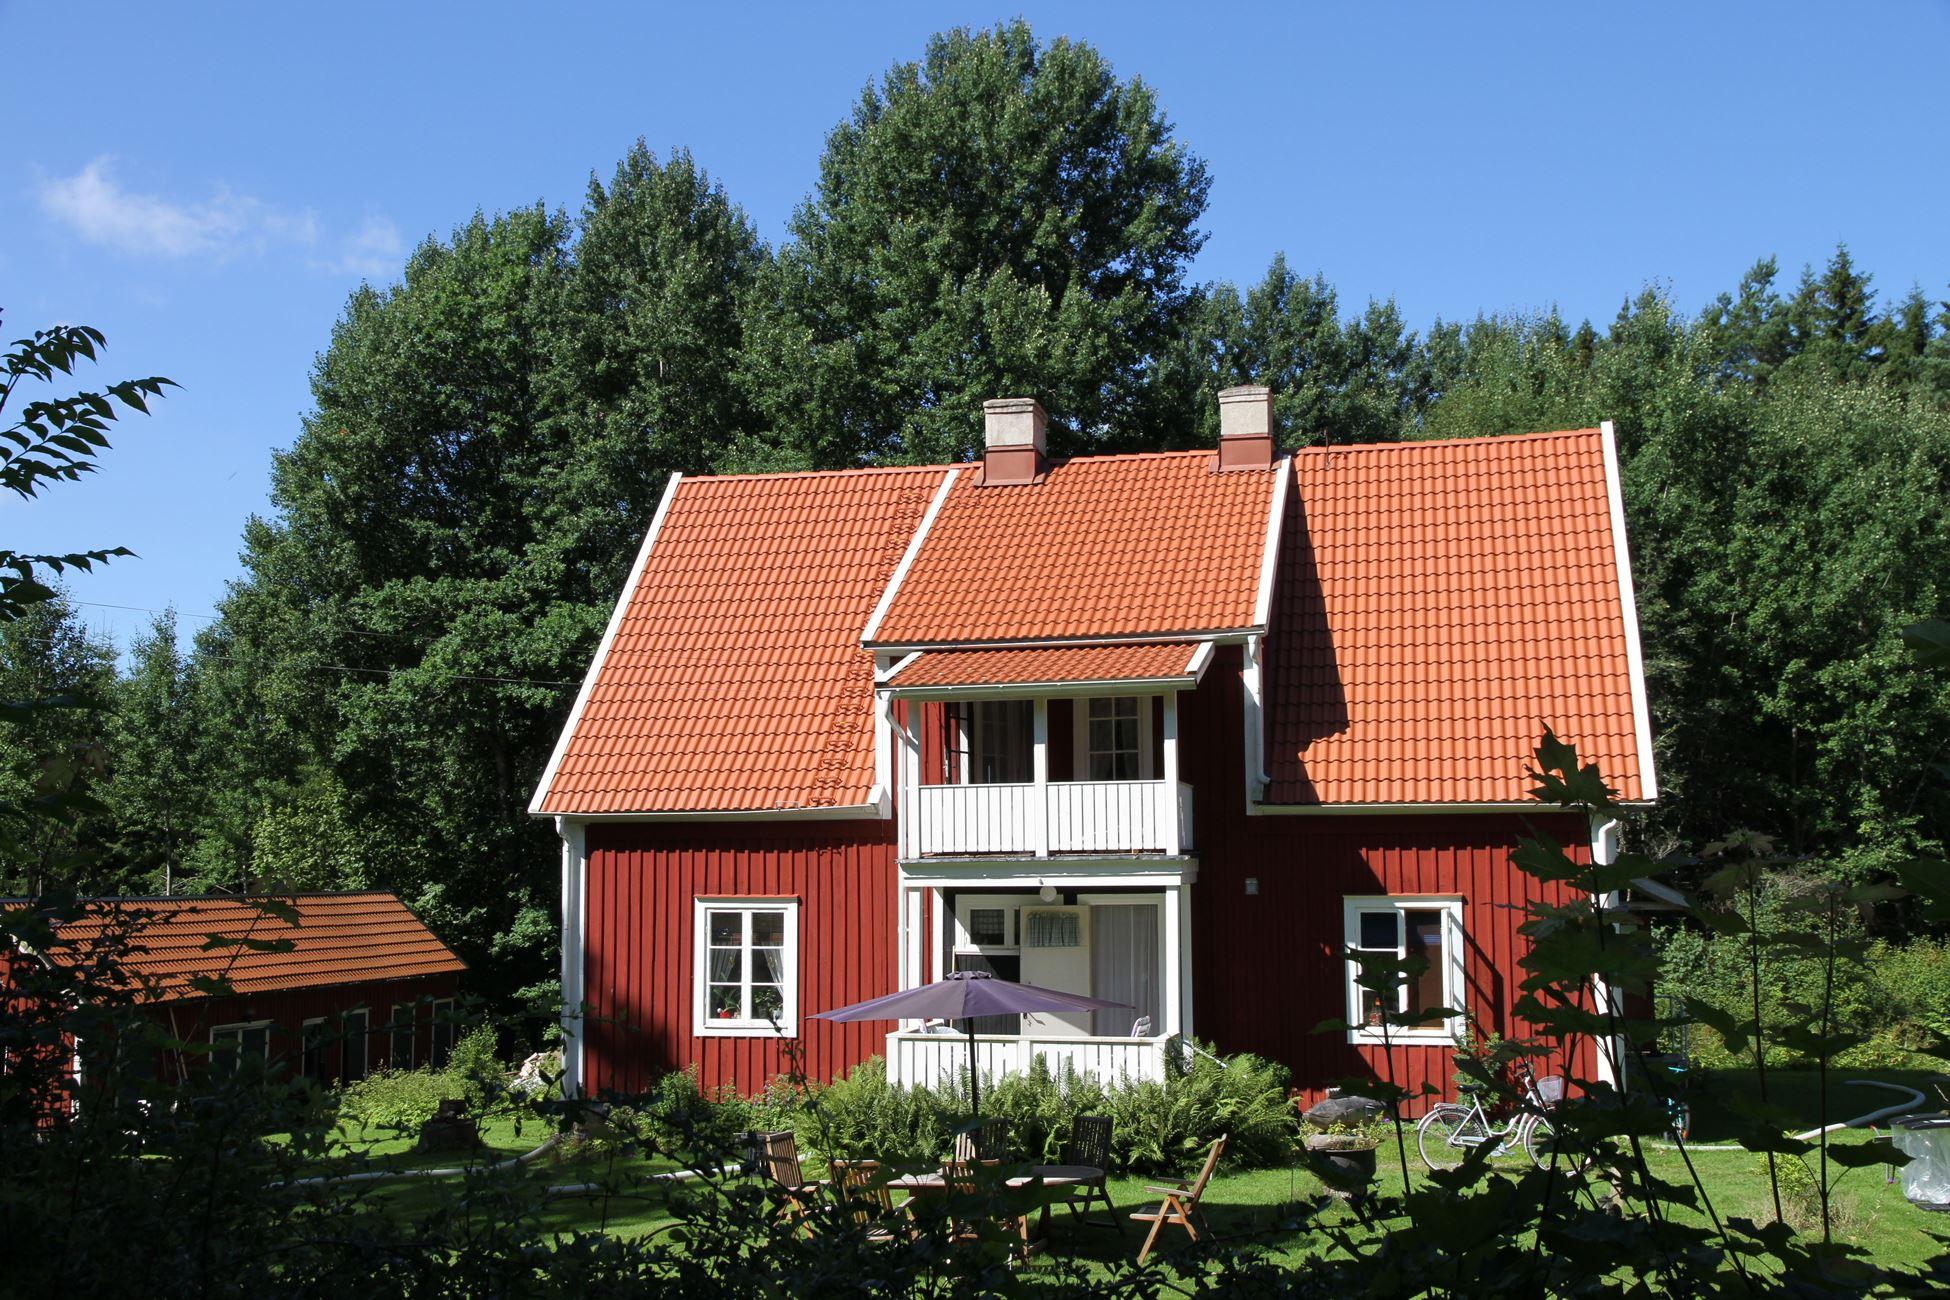 © Värnamo Näringsliv AB, Långö-Tomteholm, Adventure of Småland